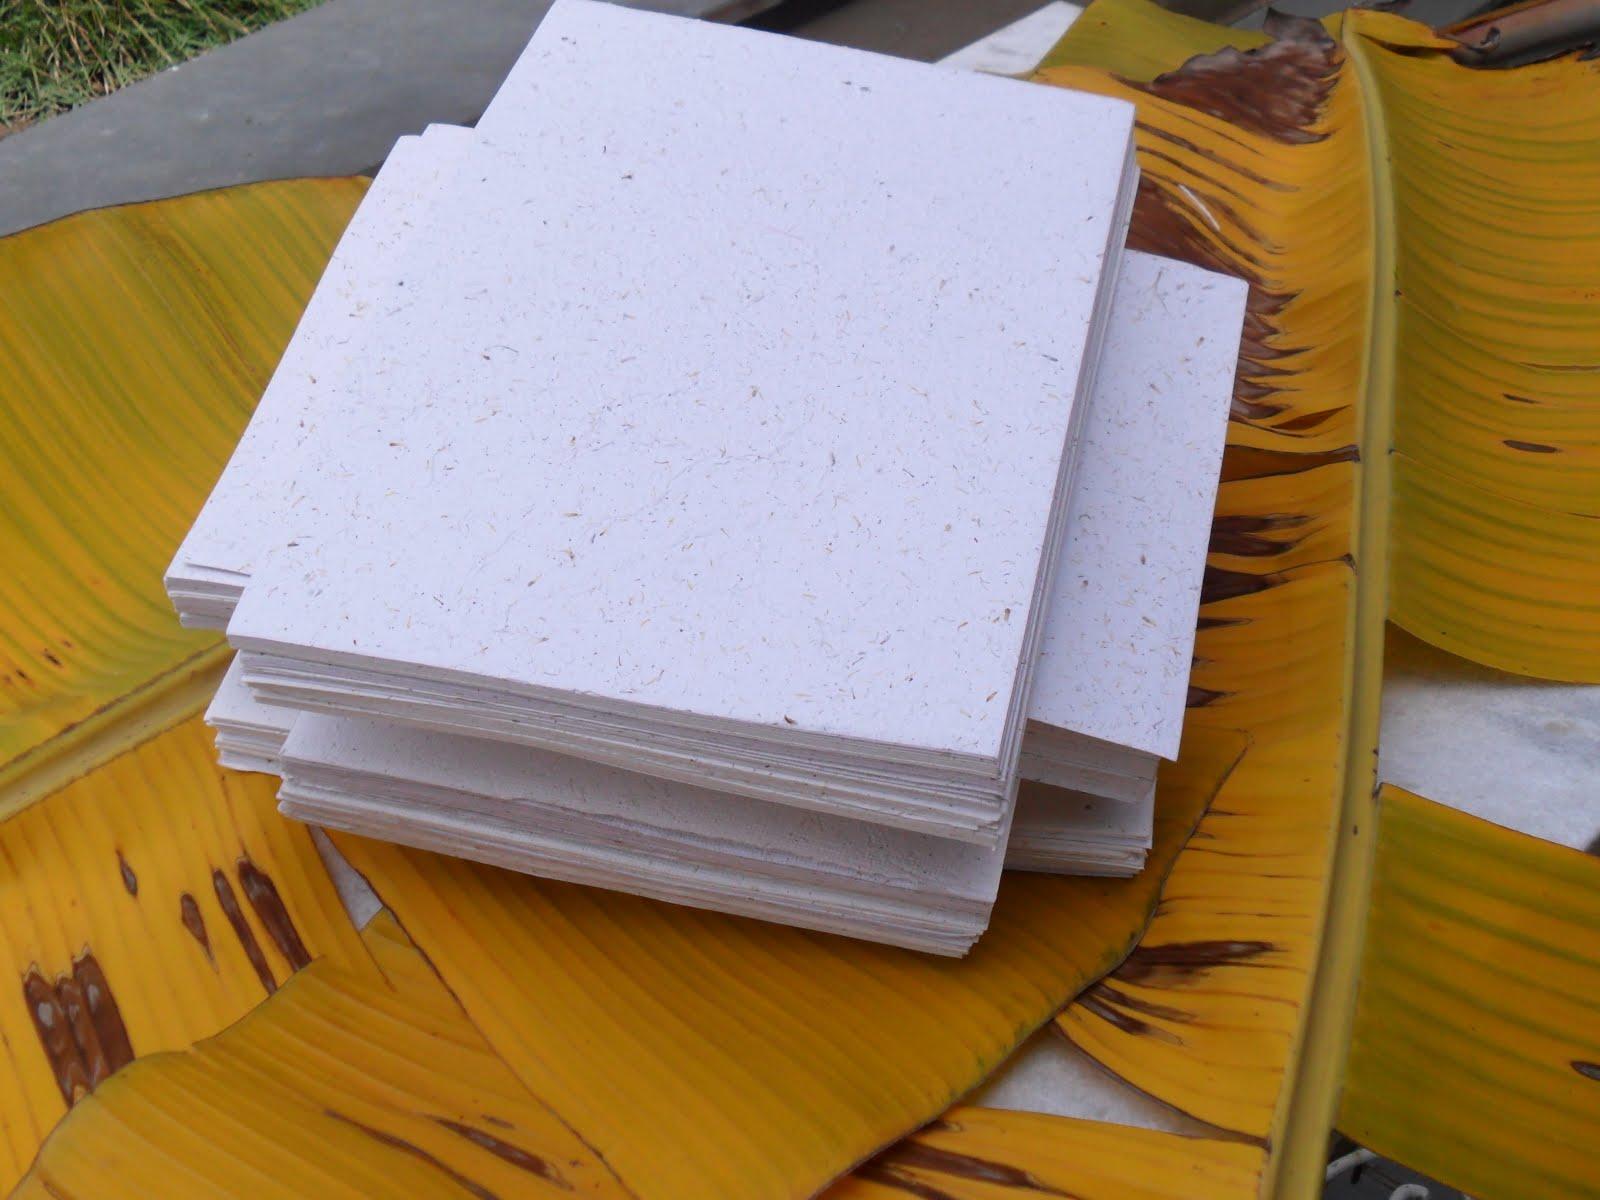 Folha Formato A4 para impressão